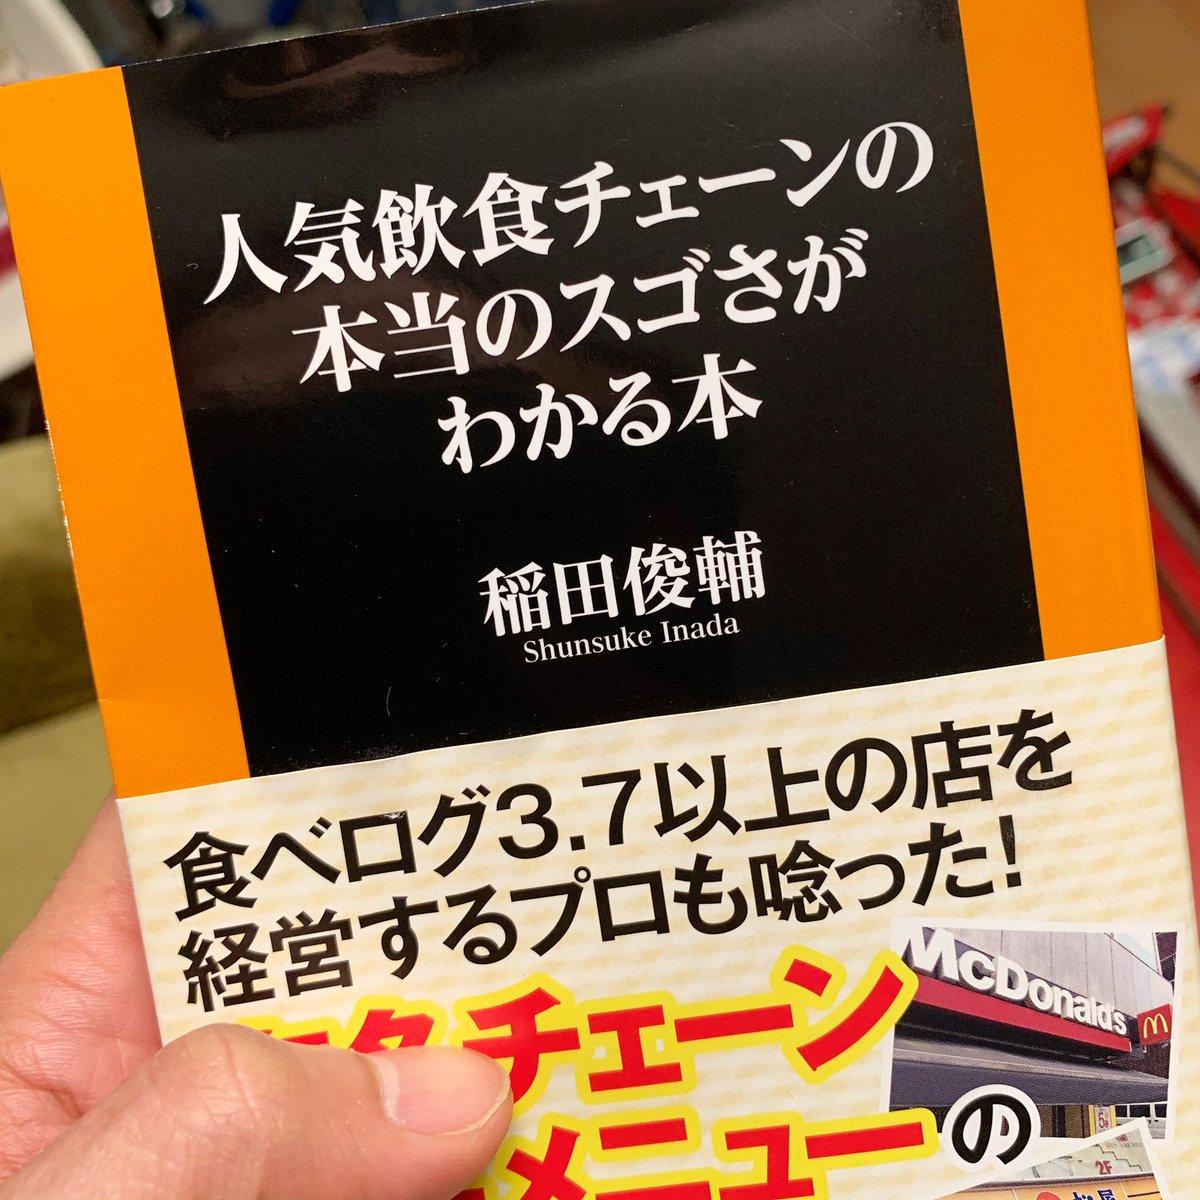 人気 飲食 チェーン の 本当 の スゴ さ が わかる 本